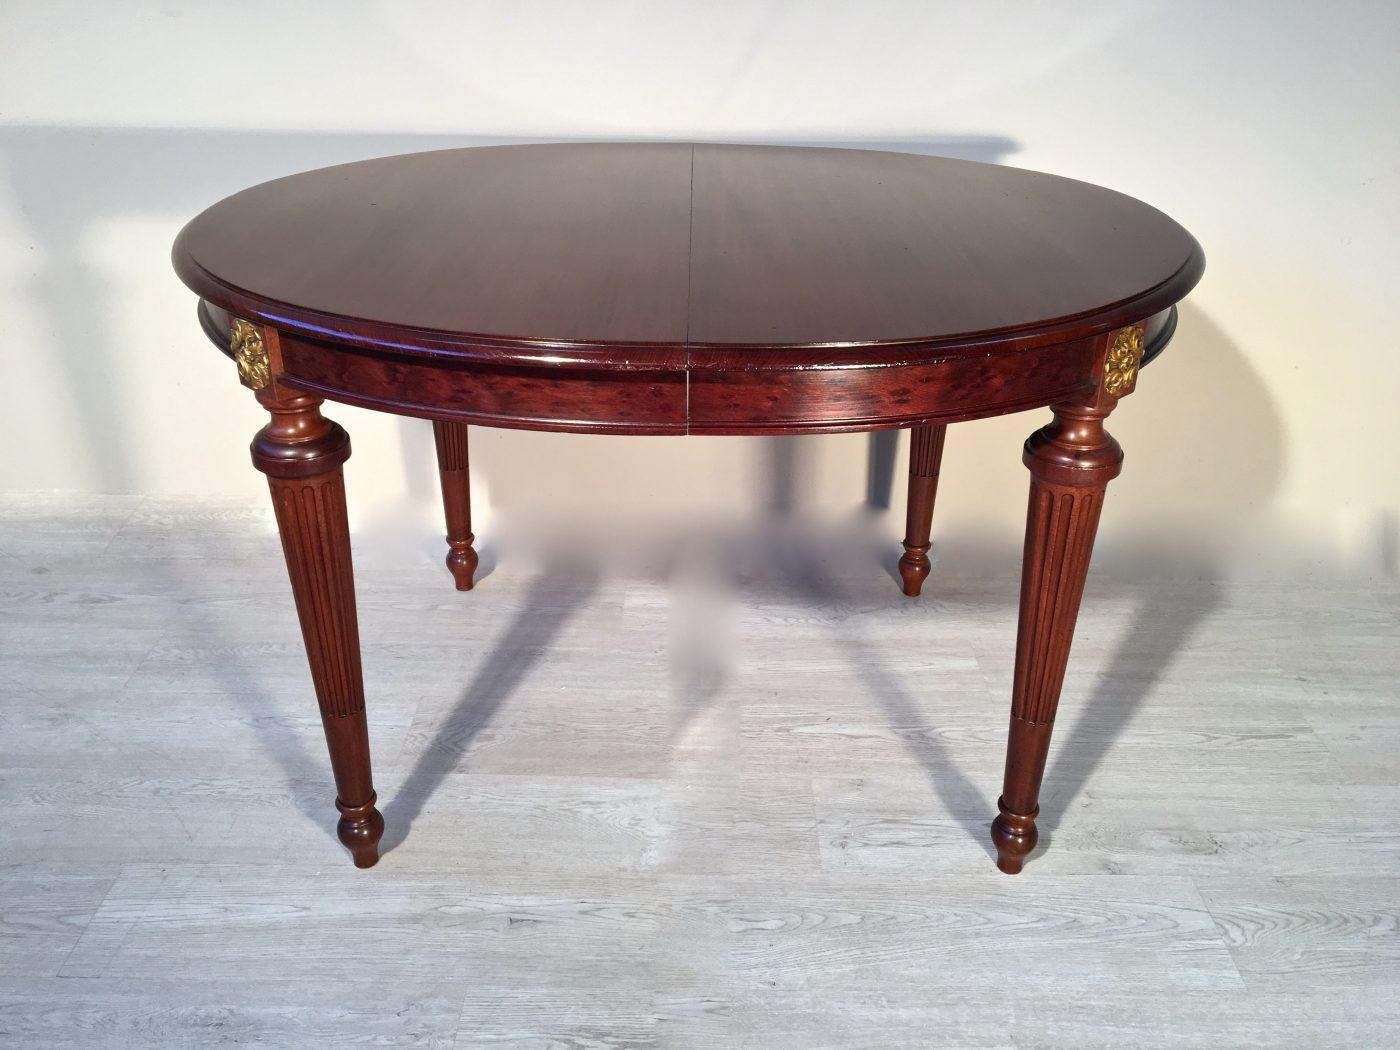 Tavolo ovale allungabile originale in mogano - Tavolo ovale allungabile ...